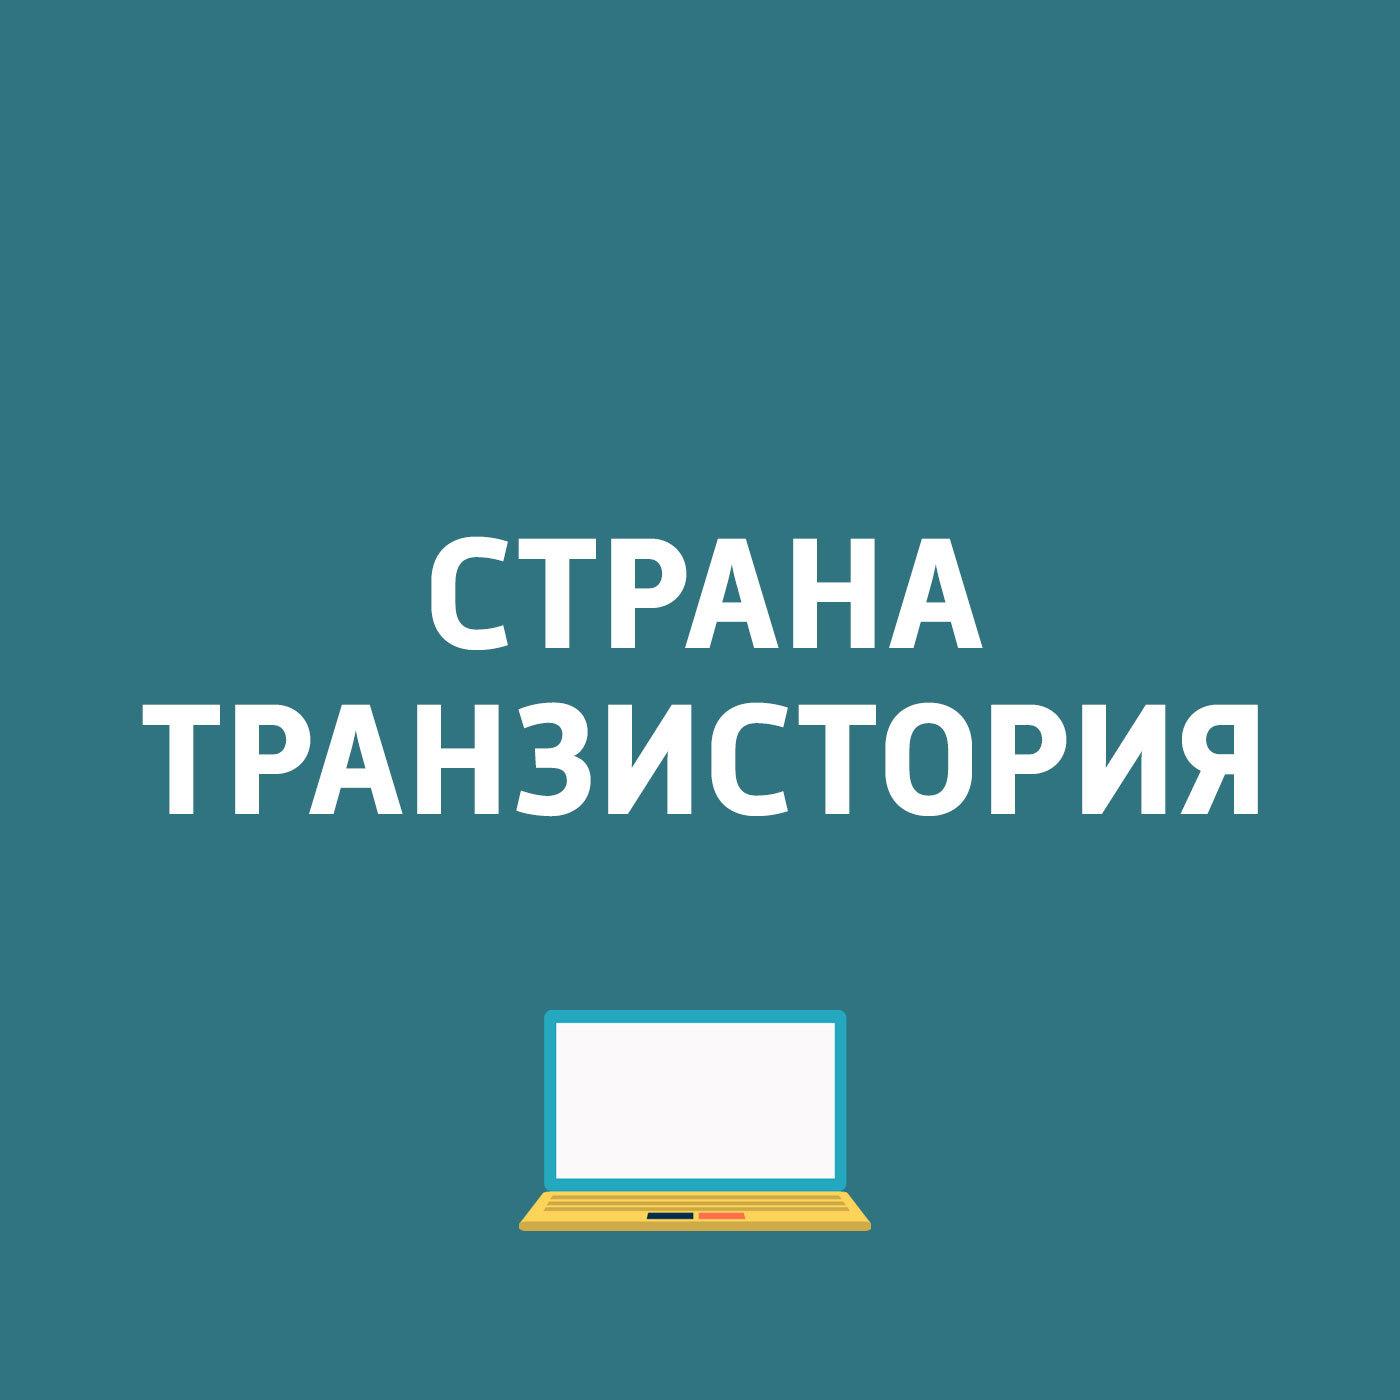 Картаев Павел Gionee M2017; 3D-музей российского оружия; Каршеринг BelkaCar расширяет географию...